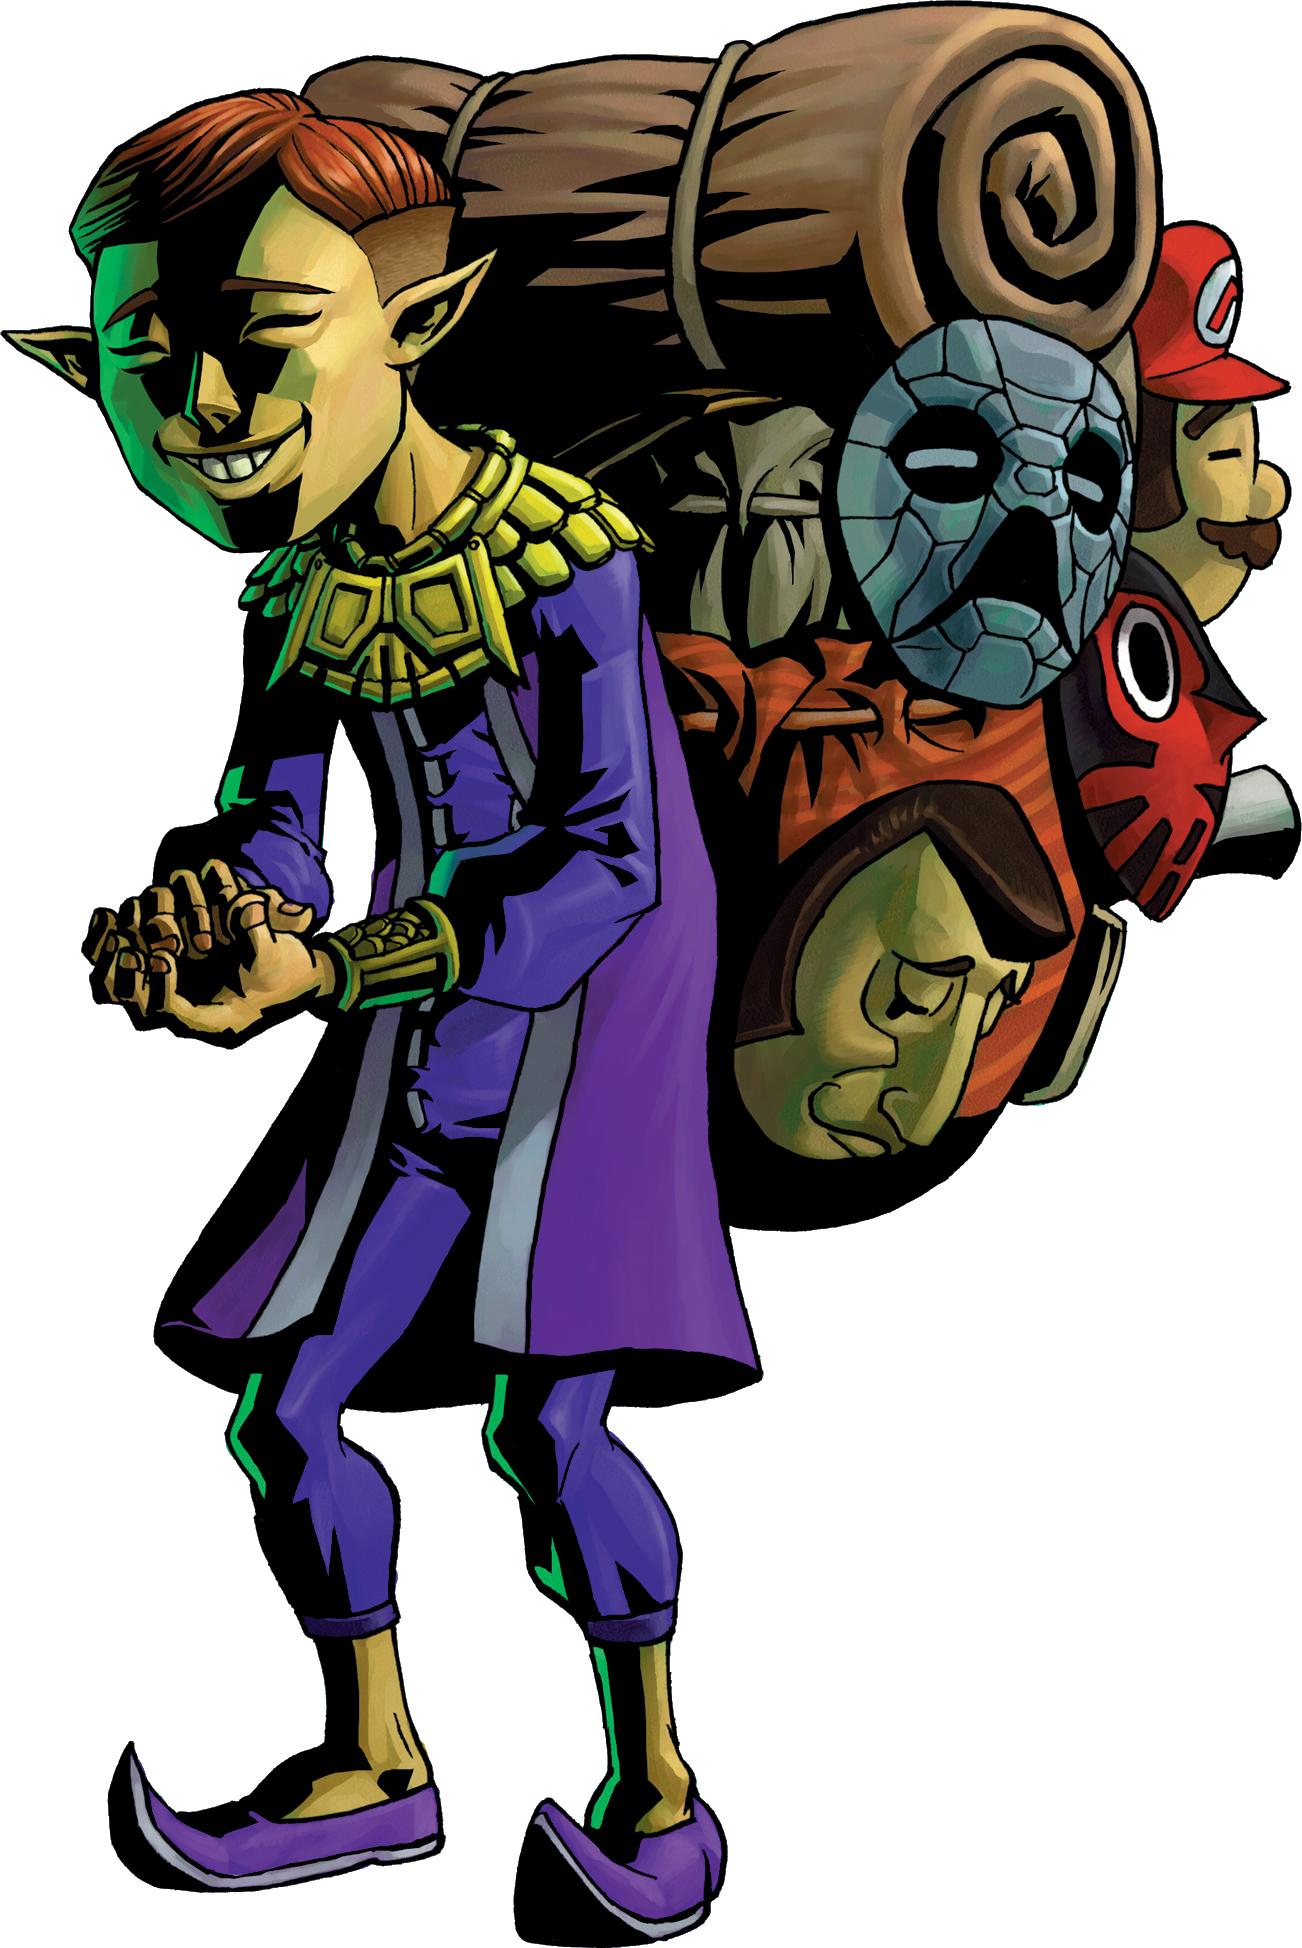 Happy Mask Salesman | Zeldapedia | FANDOM powered by Wikia